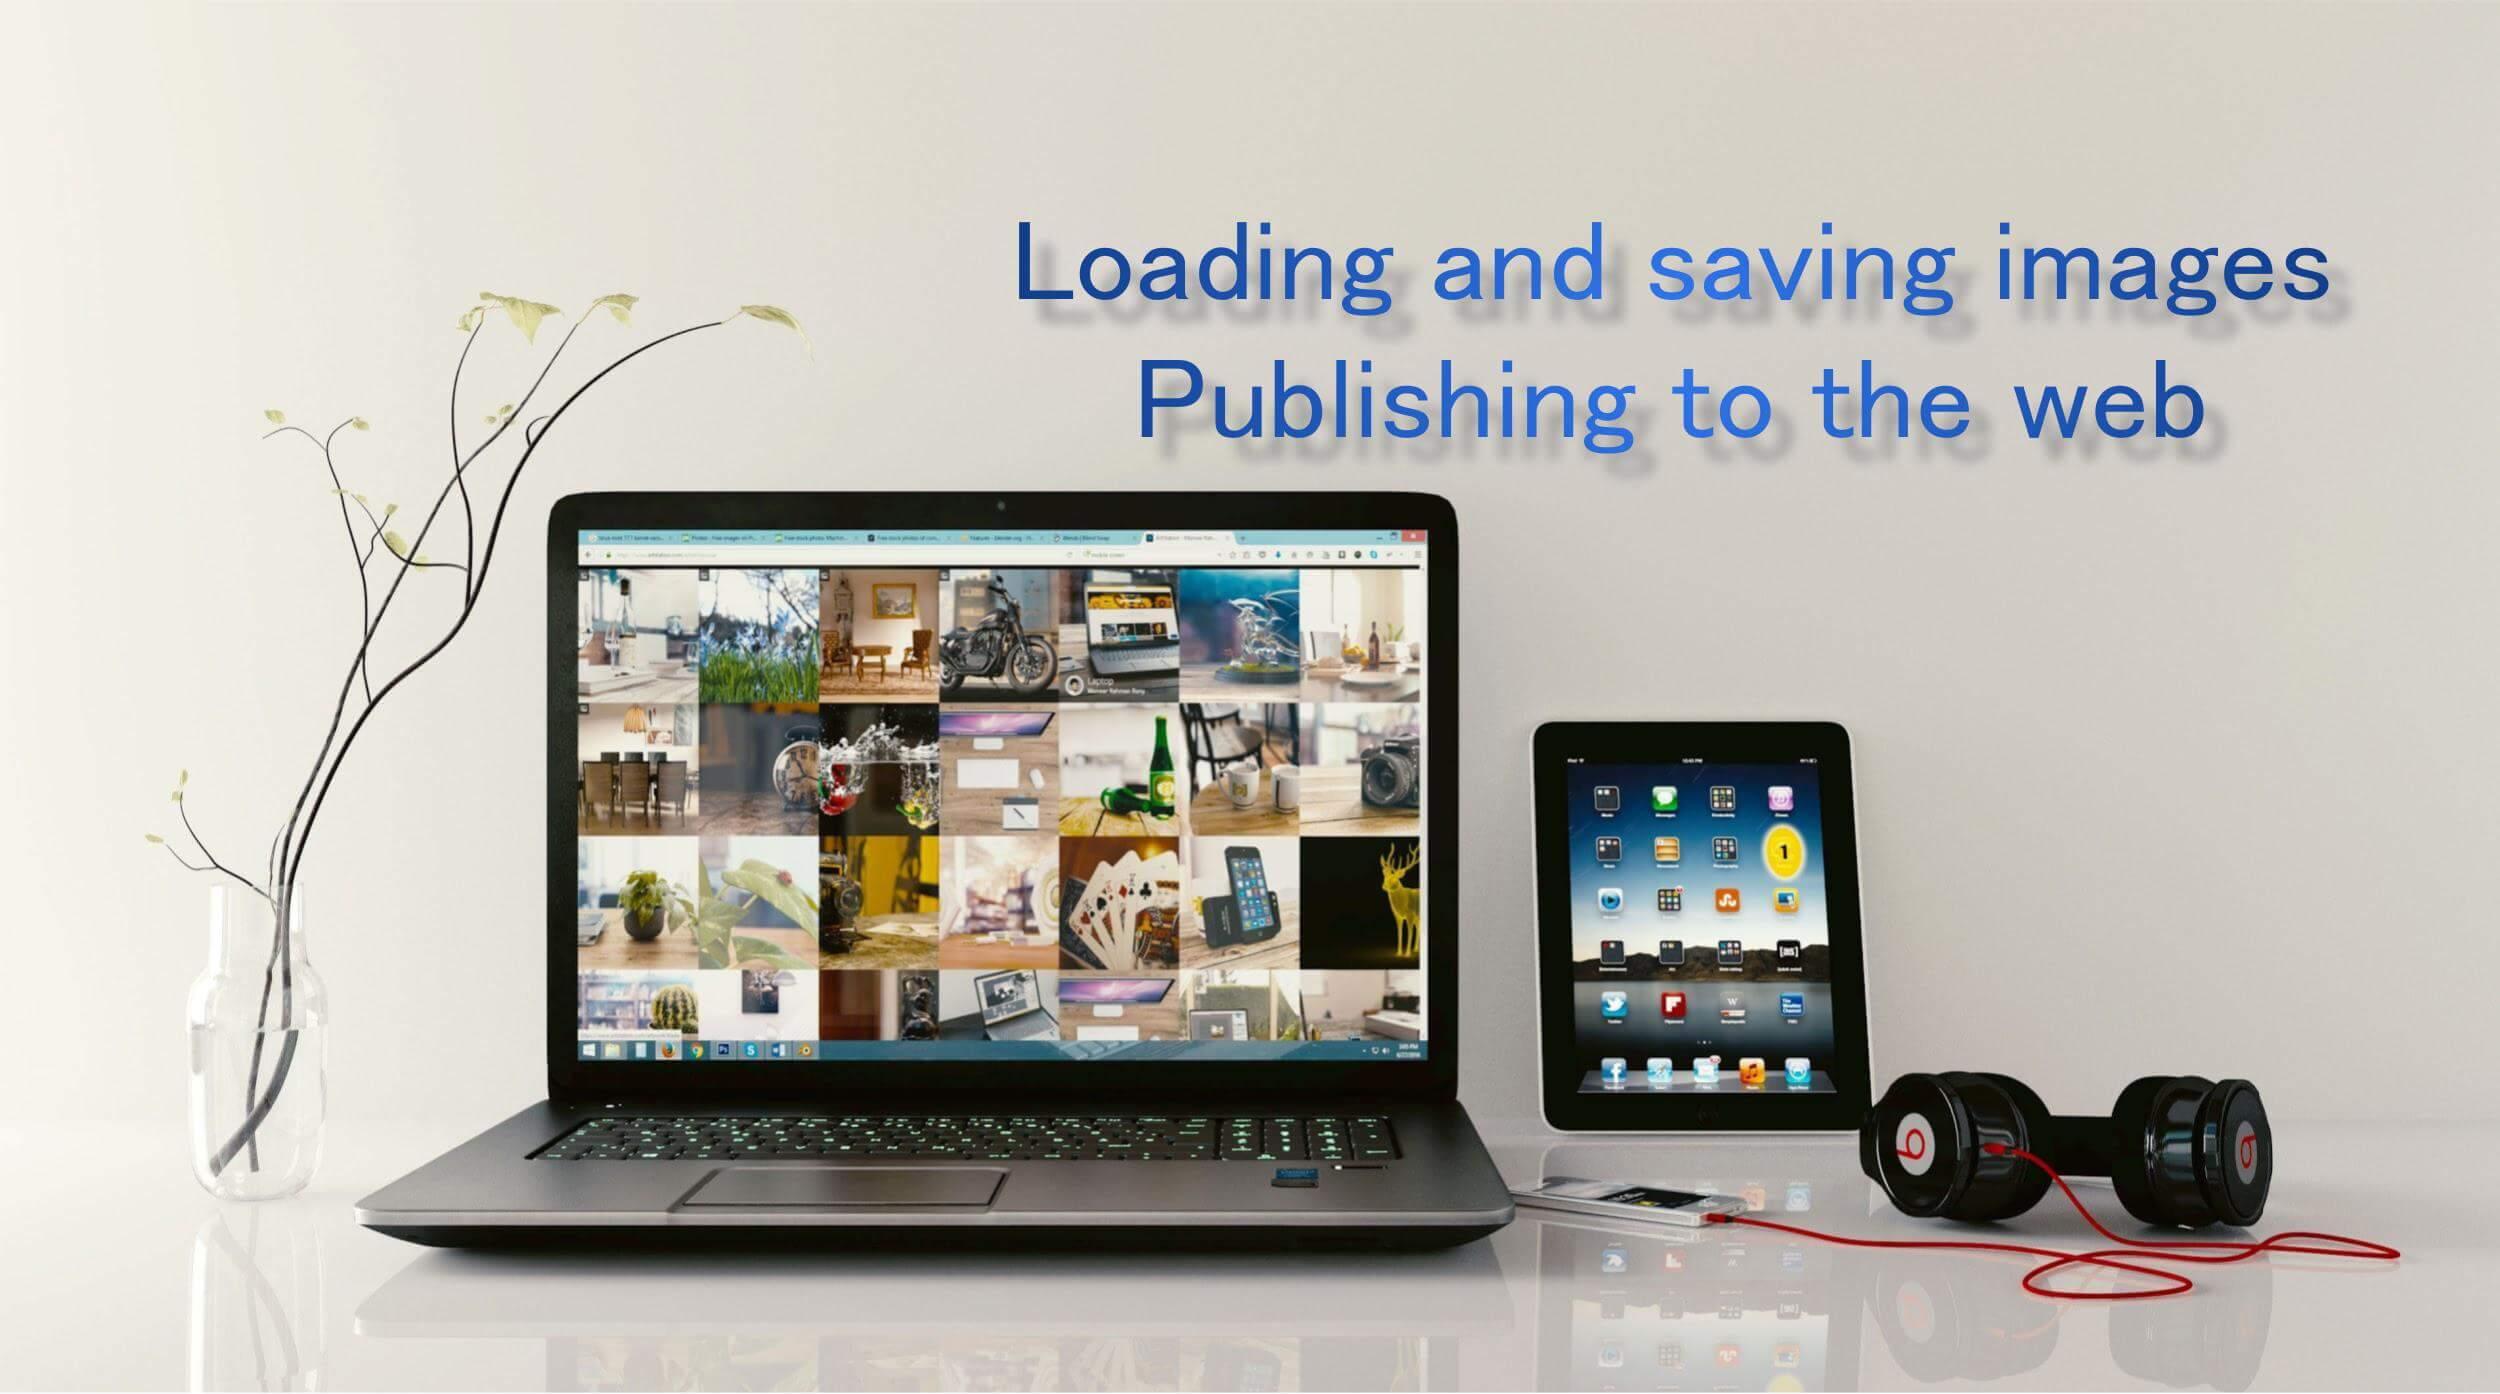 観葉植物の置かれたワーキングスペース テキスト「Loading and saving images Publishing to the web」